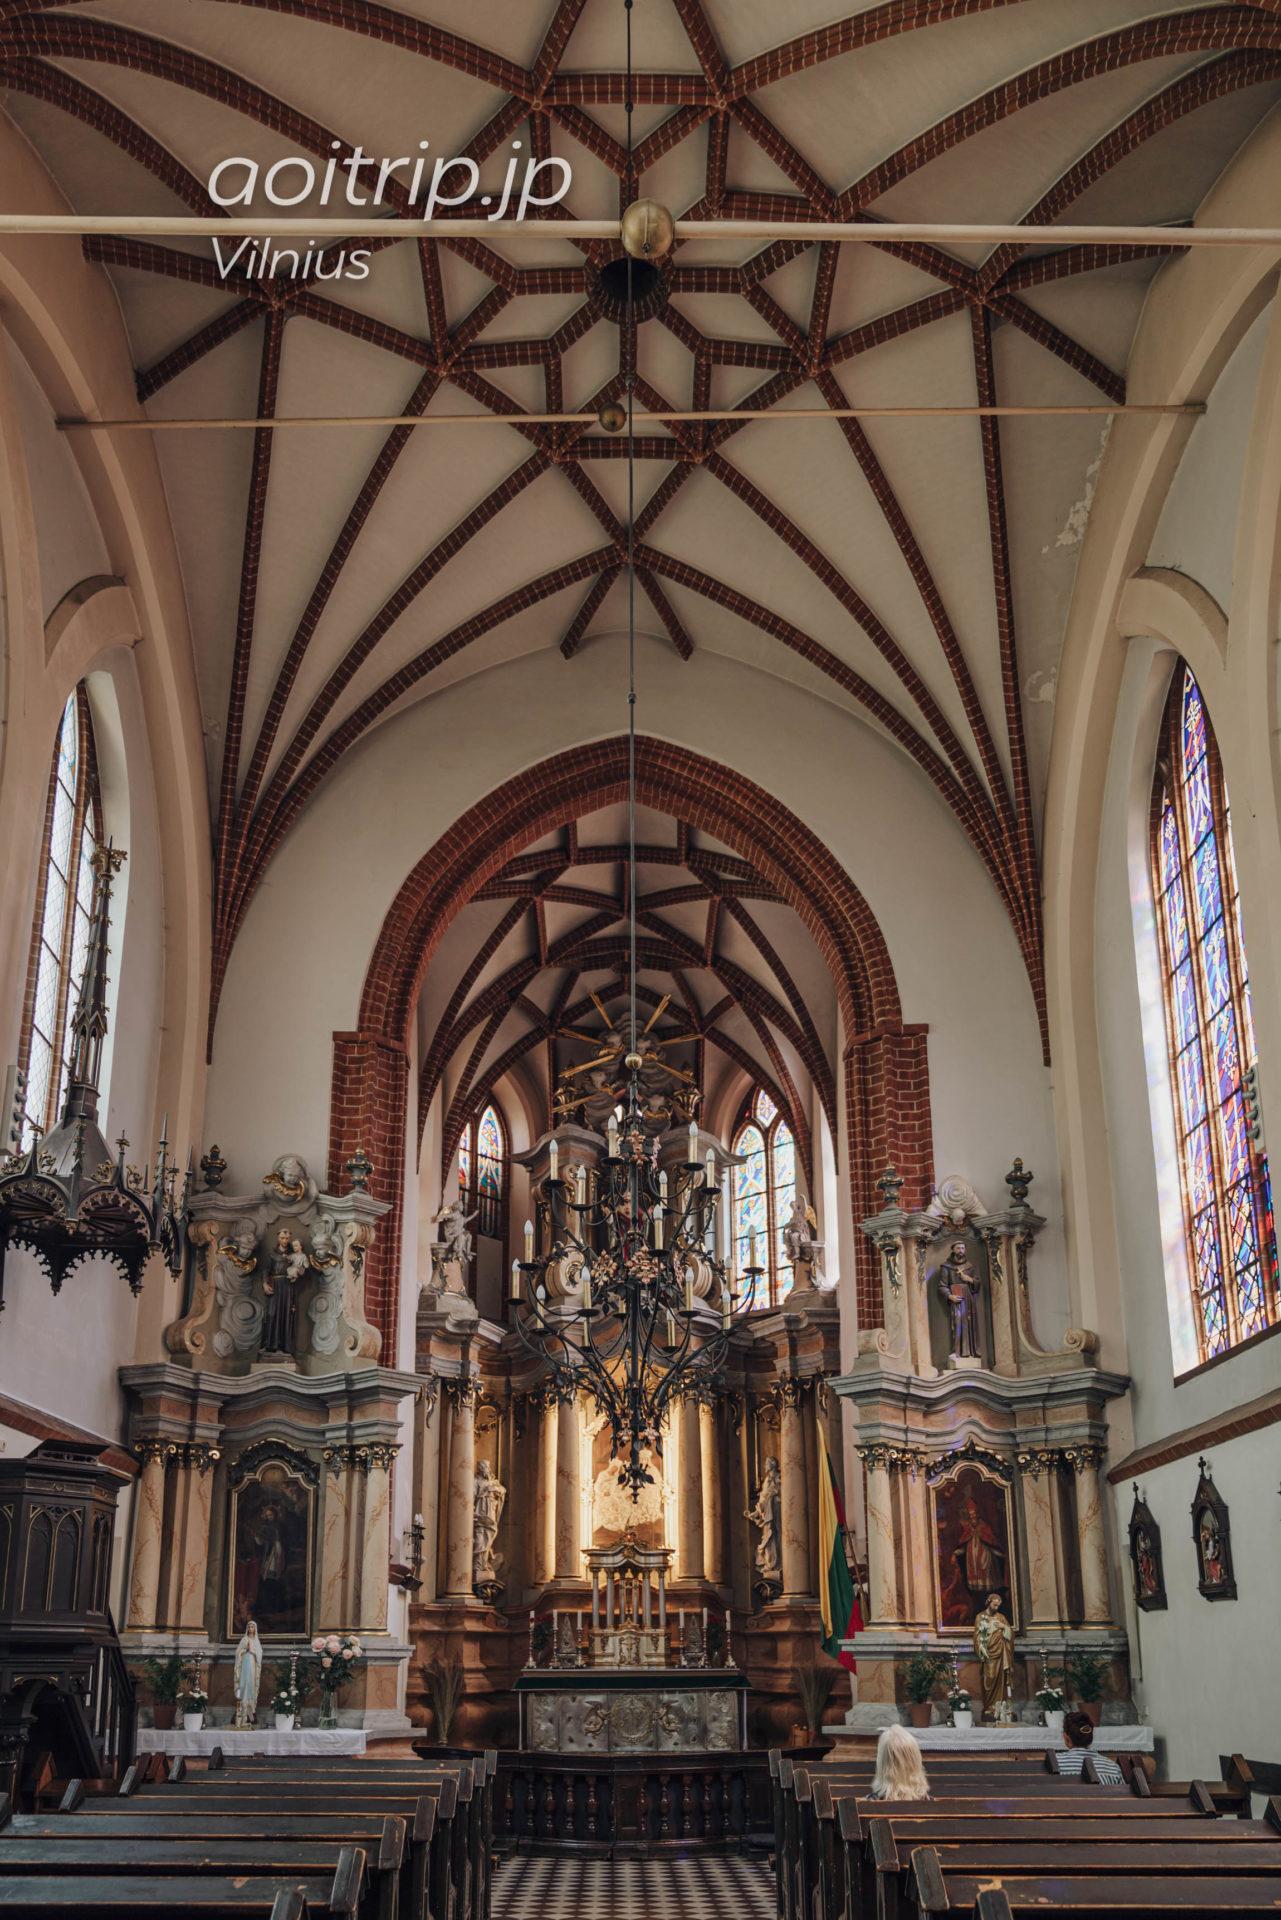 リトアニア ヴィリニュスの聖アンナ教会